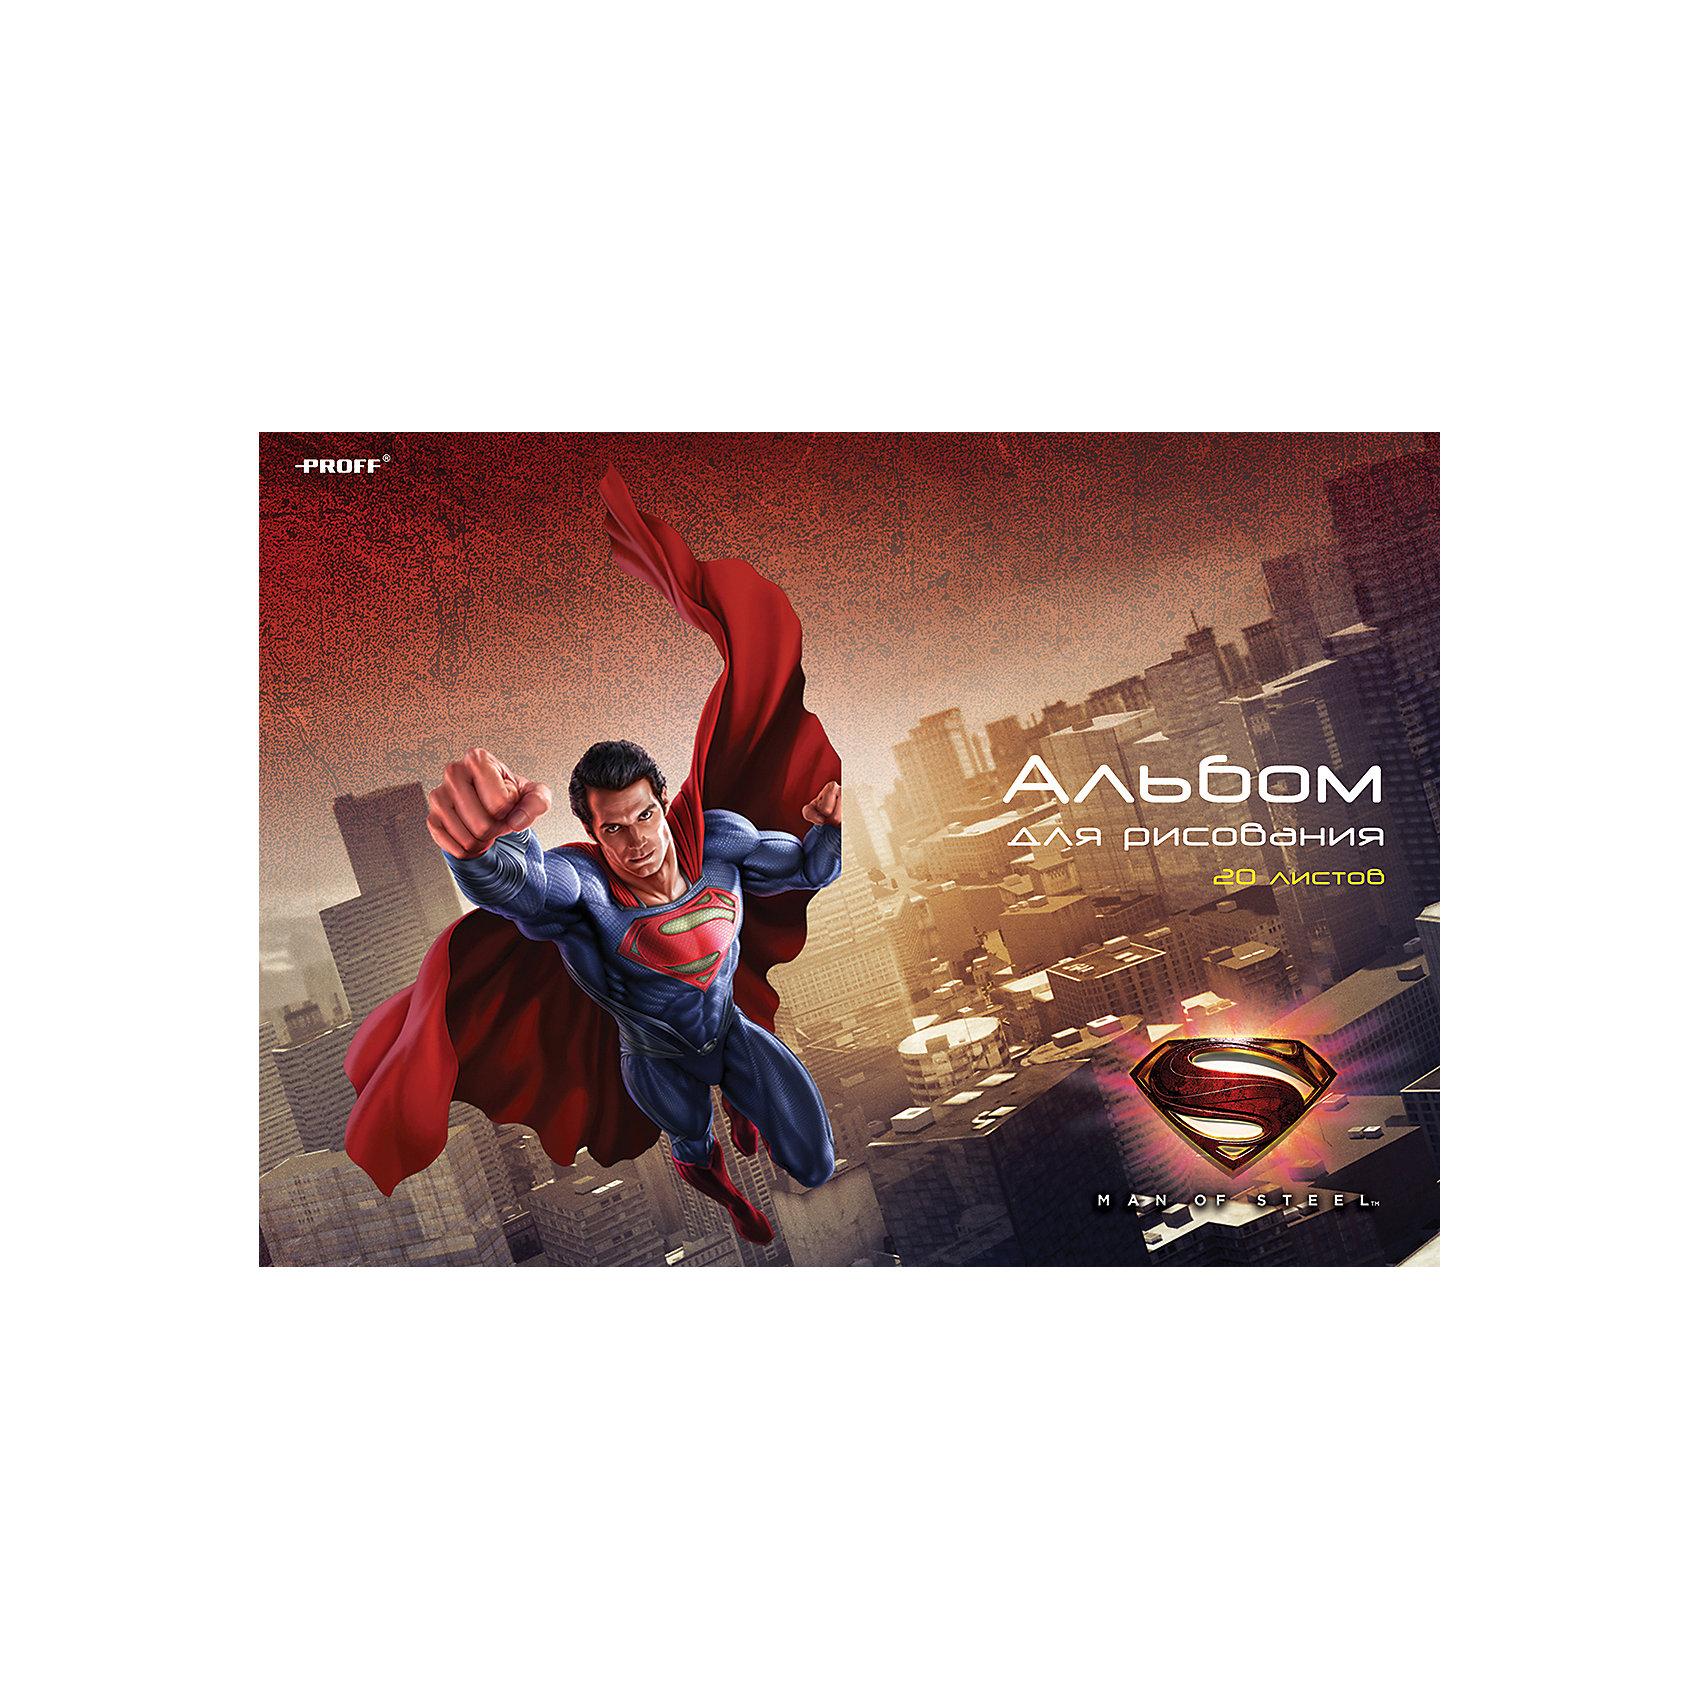 Альбом для рисования Супермен, 20 листовРисование - один из любимых видов детского творчества, которое развивает у ребенка воображение, творческое мышление, зрительную память и цветовое восприятие, а красочно оформленный альбом сделает творческий процесс еще интереснее и привлекательнее. Альбом для рисования Супермен (Superman) выполнен по мотивам популярных фильмов и комиксов и украшен изображением знаменитого персонажа. Бумага альбома отличается высокой прочностью и подходит для рисования акварелью, гуашью, карандашами и фломастерами. Обложка выполнена из мелованного картона. Крепление - скрепка.<br><br>Дополнительная информация:<br><br>- Материал: бумага, картон. <br>- Объем: 20 л.<br>- Формат: А4.<br>- Размер: 29 х 20 х 0,2 см.<br>- Вес: 110 гр.<br><br>Альбом для рисования Супермен (Superman), 20 листов, можно купить в нашем интернет-магазине.<br><br>Ширина мм: 290<br>Глубина мм: 10<br>Высота мм: 200<br>Вес г: 110<br>Возраст от месяцев: 60<br>Возраст до месяцев: 144<br>Пол: Мужской<br>Возраст: Детский<br>SKU: 4601754